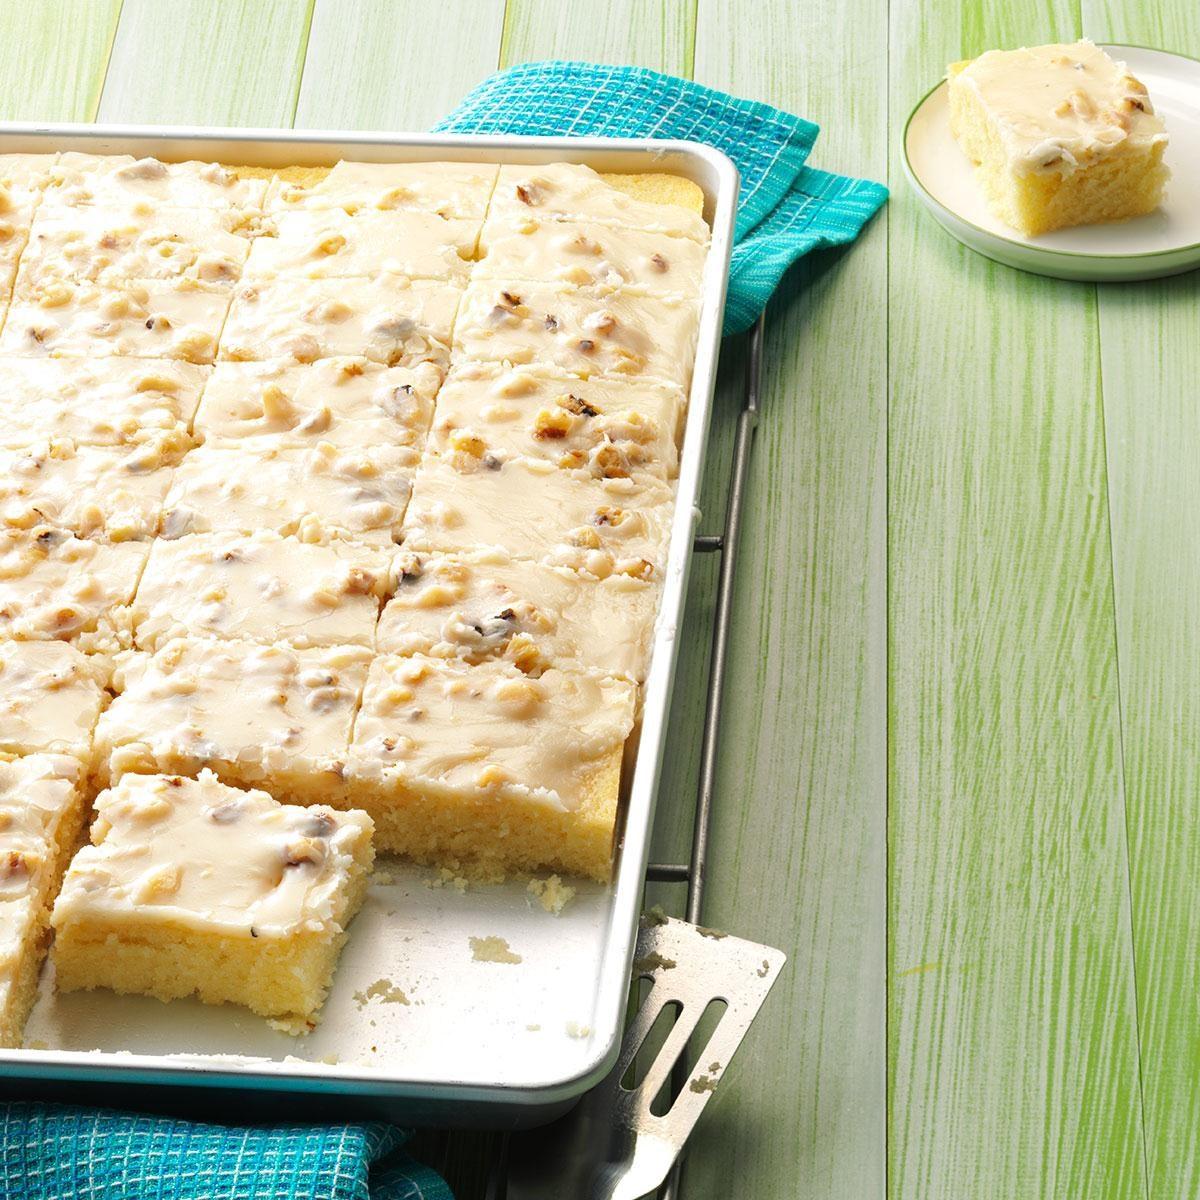 Graduation Cake Recipes Pictures : Graduation cake recipes - Food for health recipes